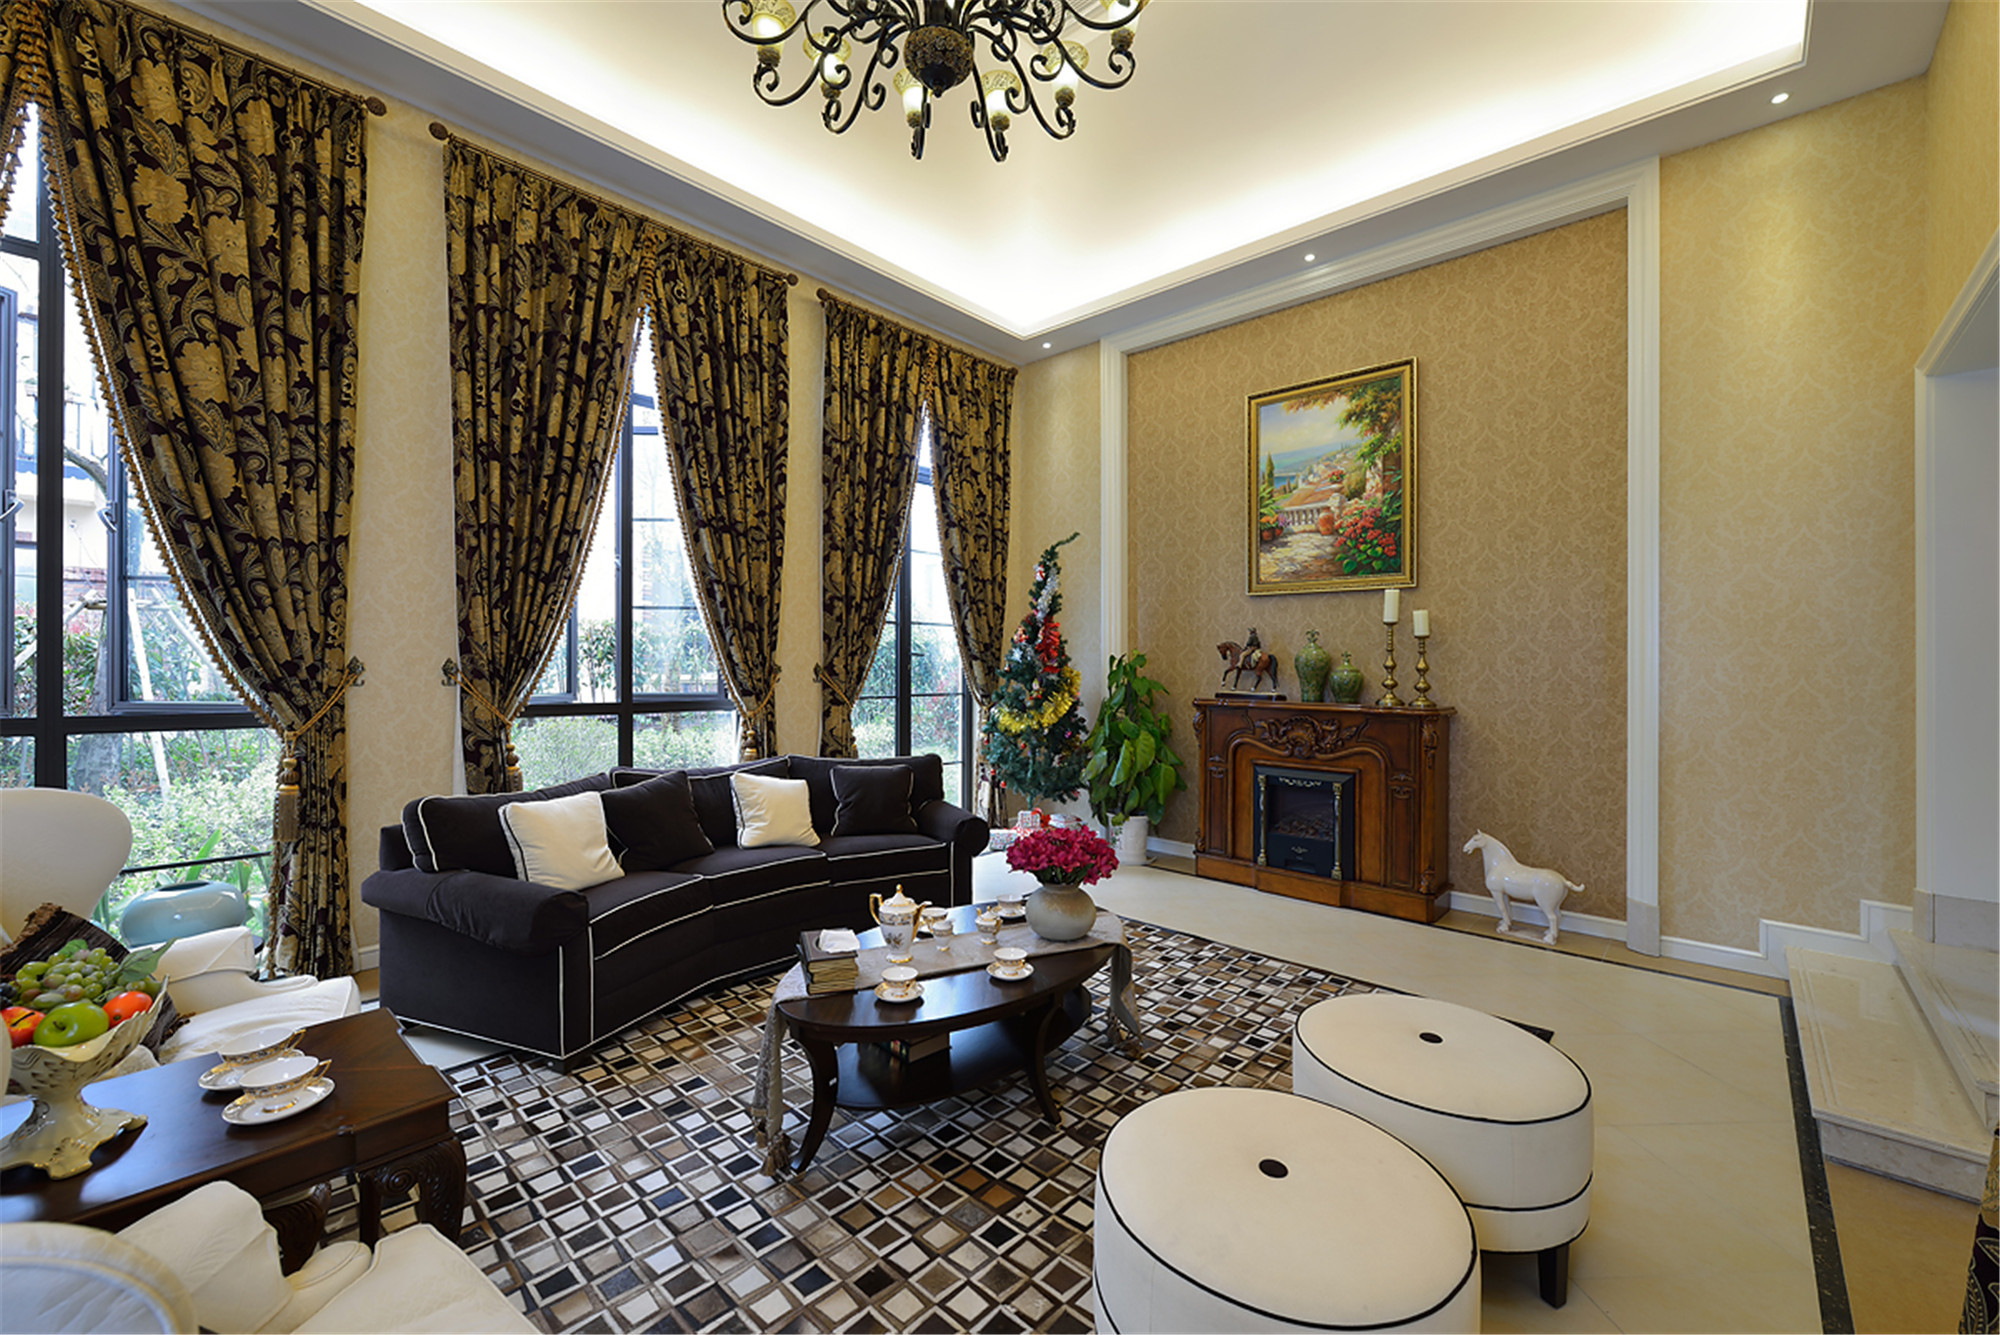 歐式壁爐清新簡約客廳家具裝修圖片